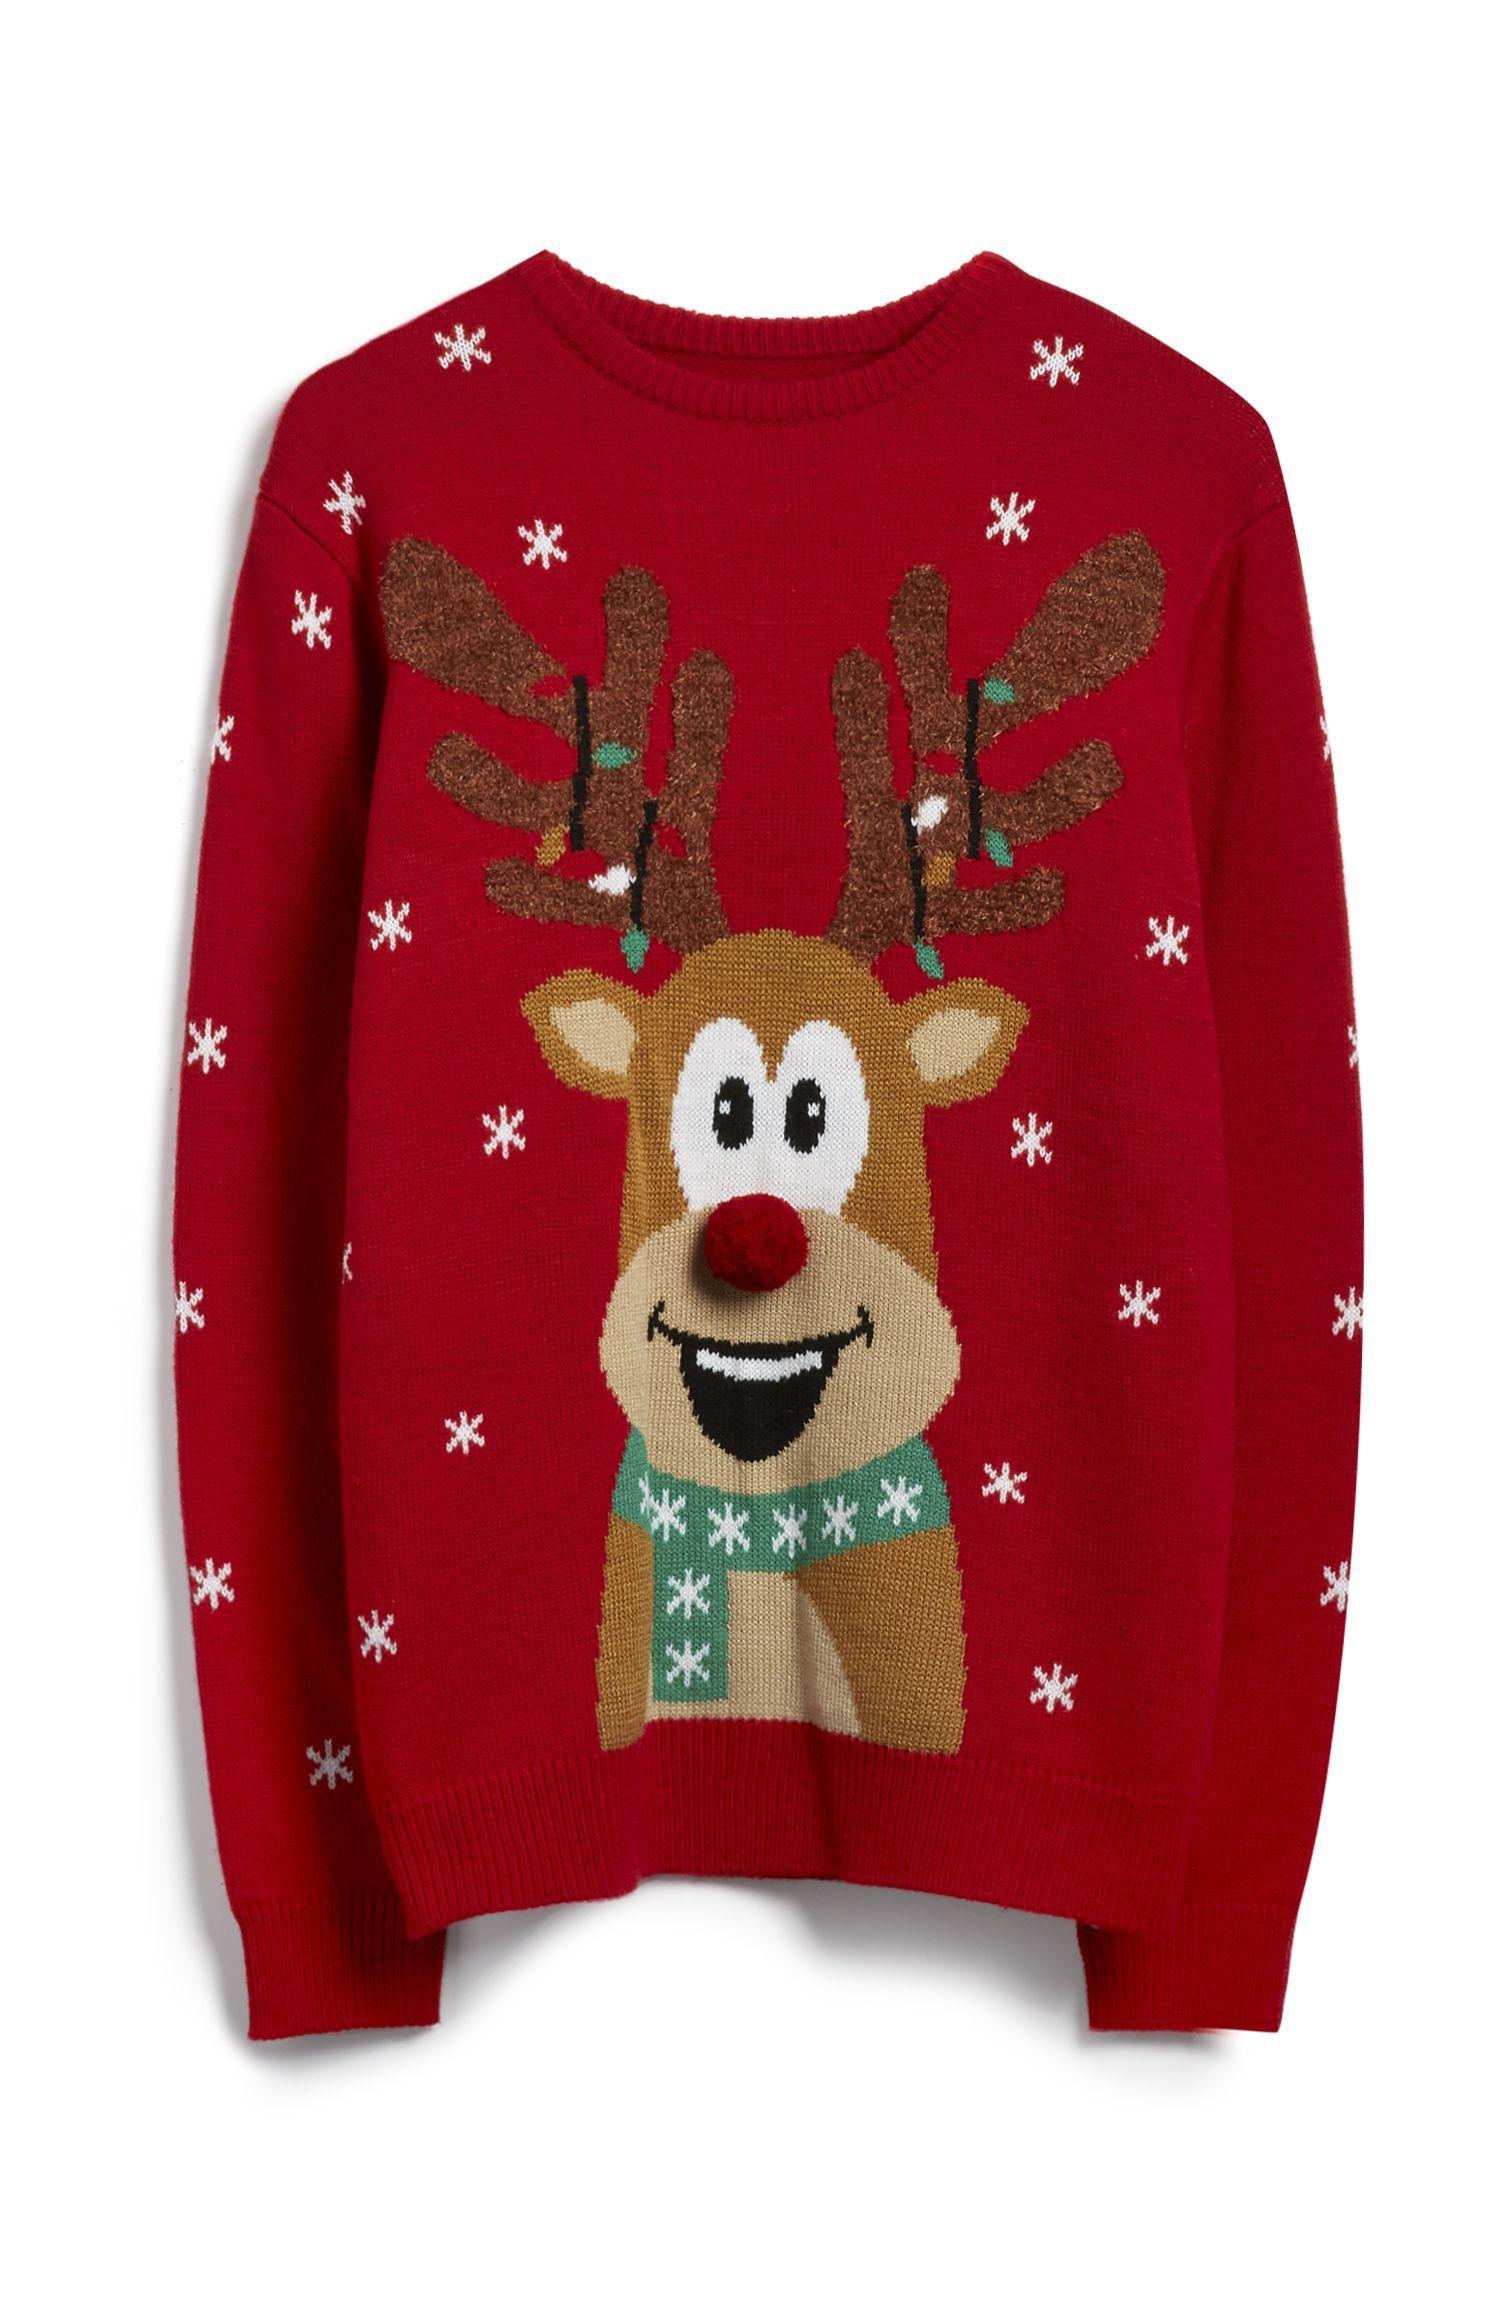 Primark vende ya sus jerseys de Navidad y te vas a querer comprar todos-  ElleSpain 9291ab0013cd